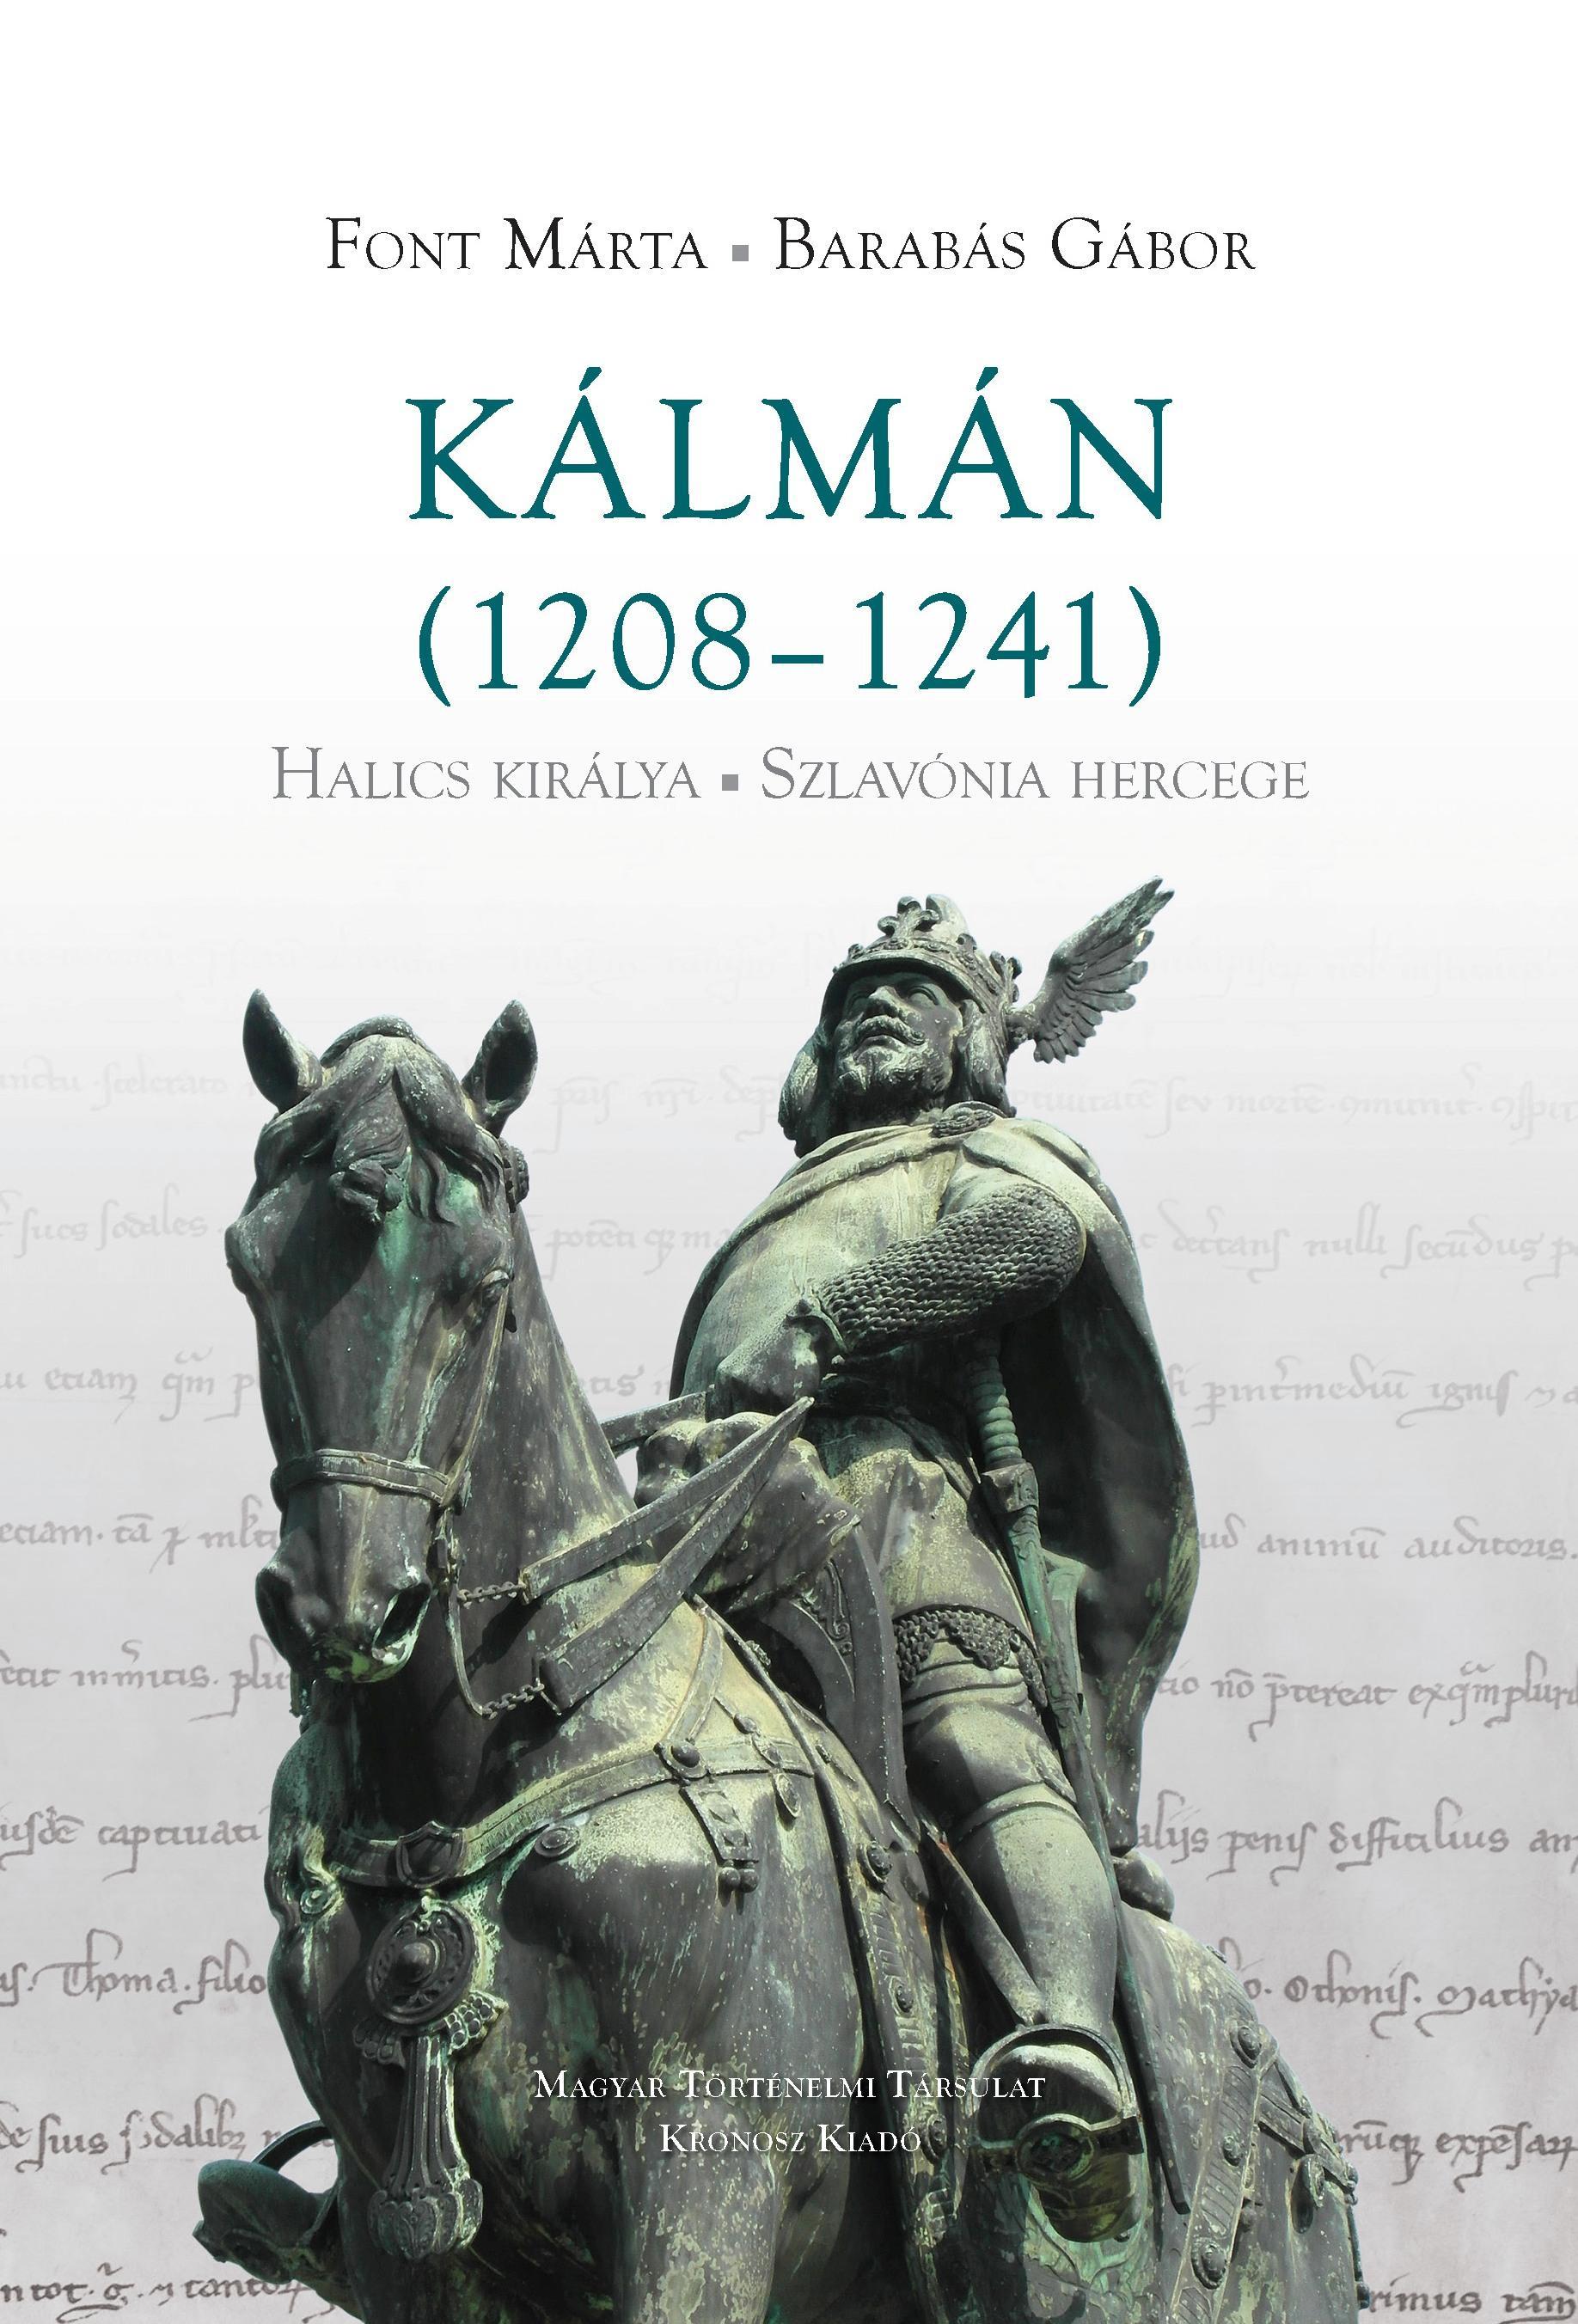 KÁLMÁN (1208-1241) HALICS KIRÁLYA, SZLAVÓNIA HERCEGE